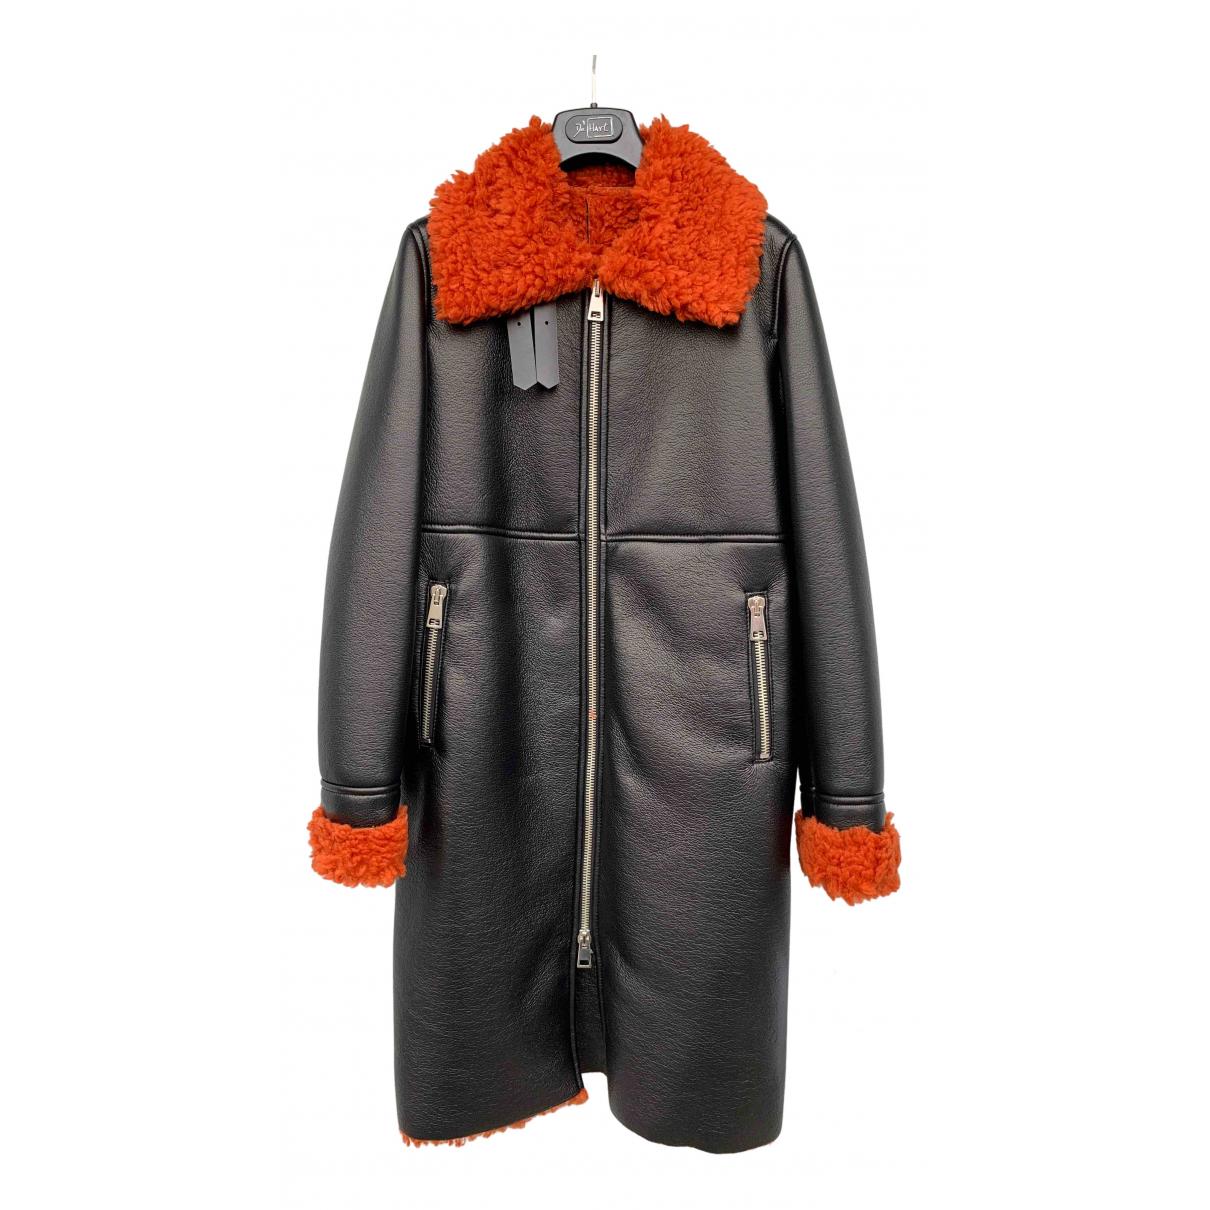 De Hart - Manteau   pour femme en fourrure synthetique - noir